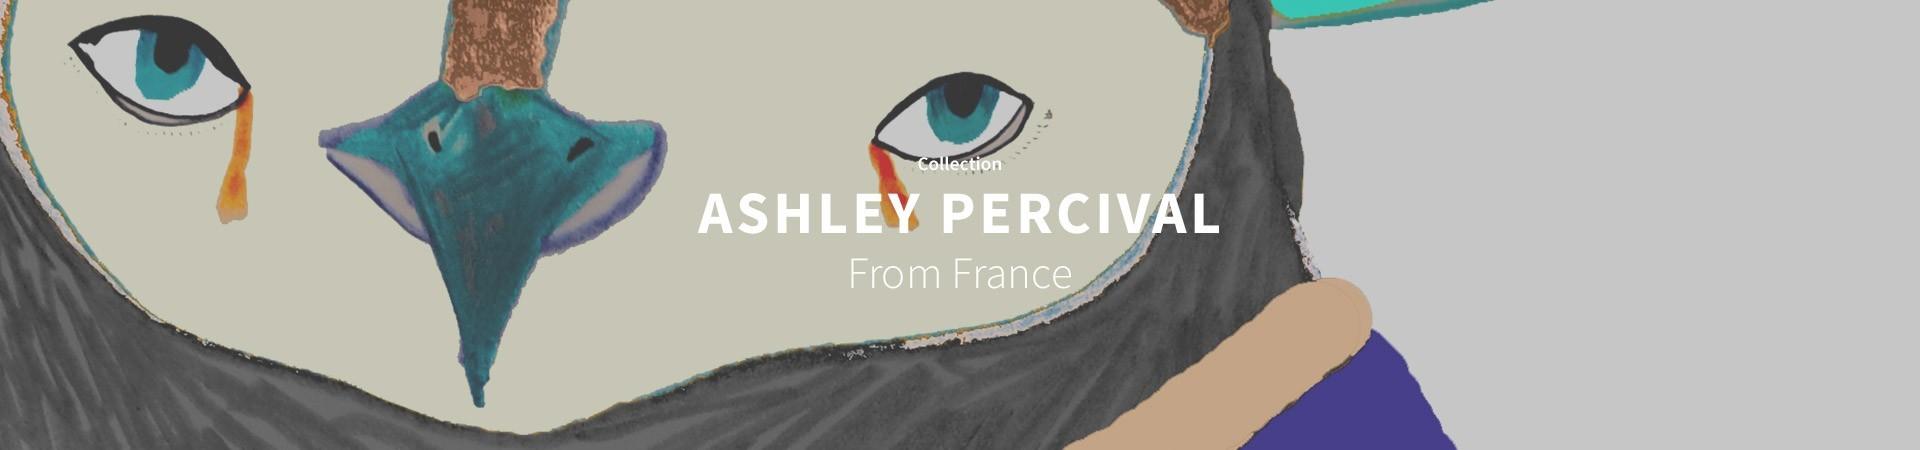 Ashley Percival